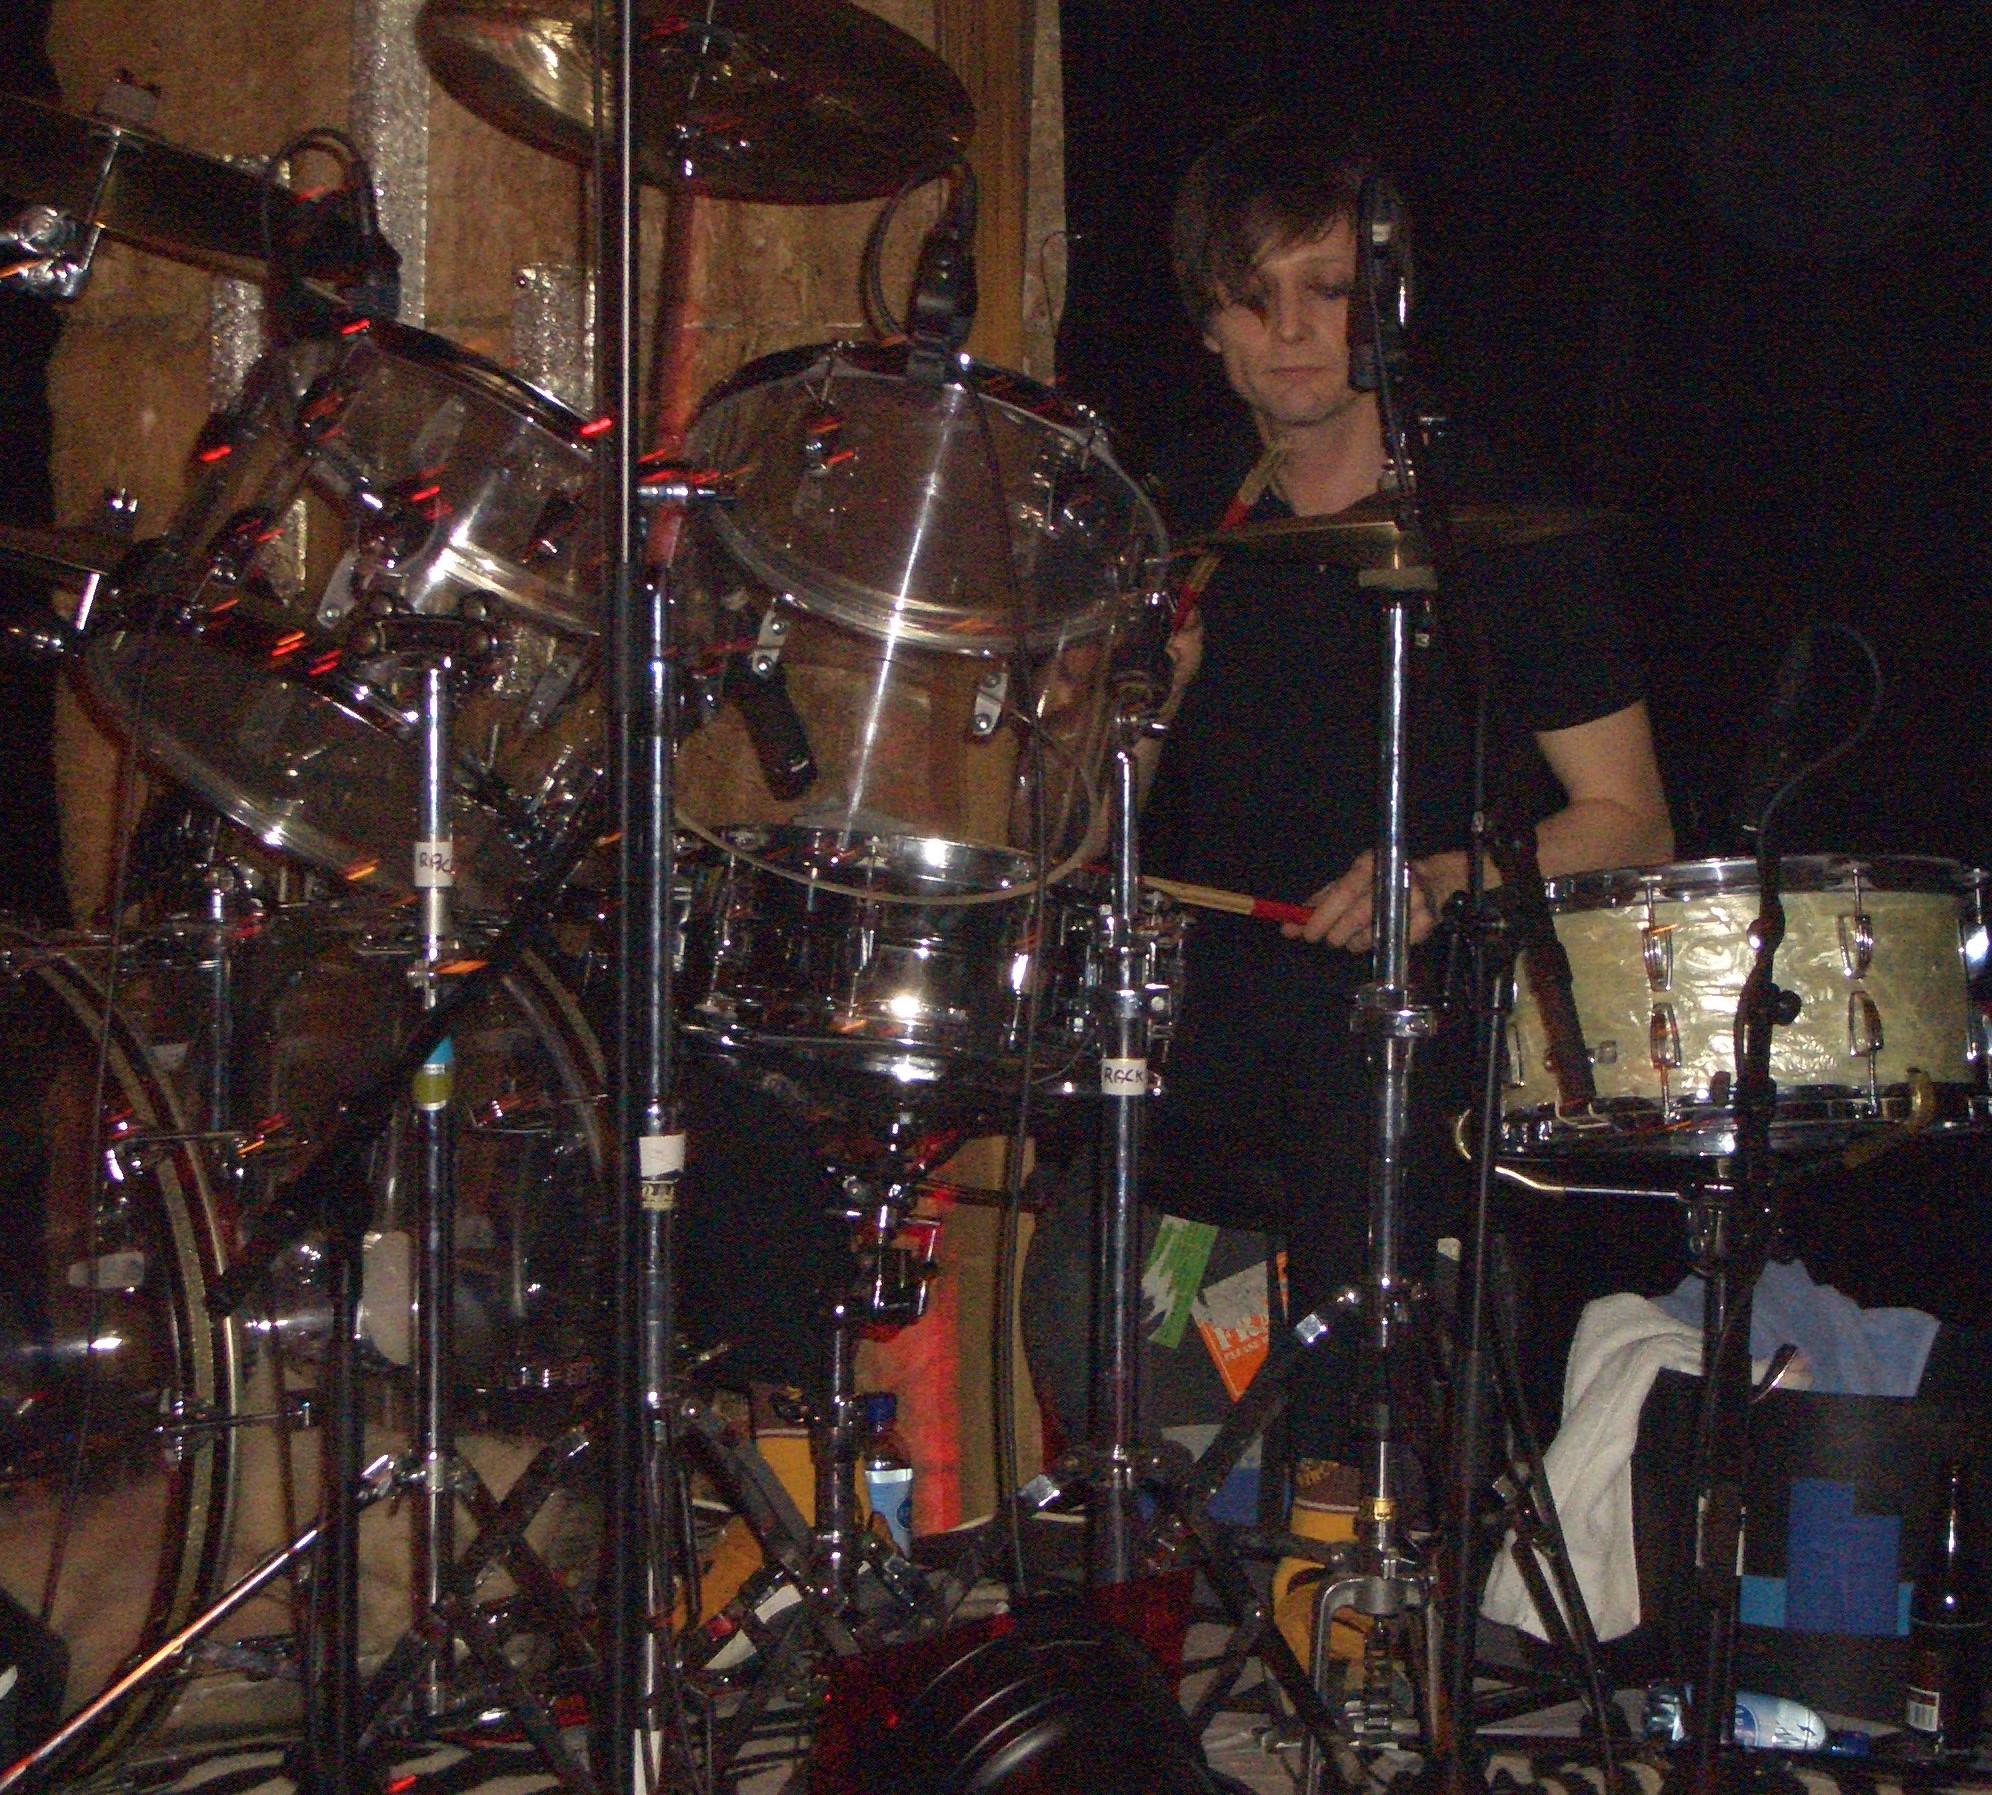 trev playing drums